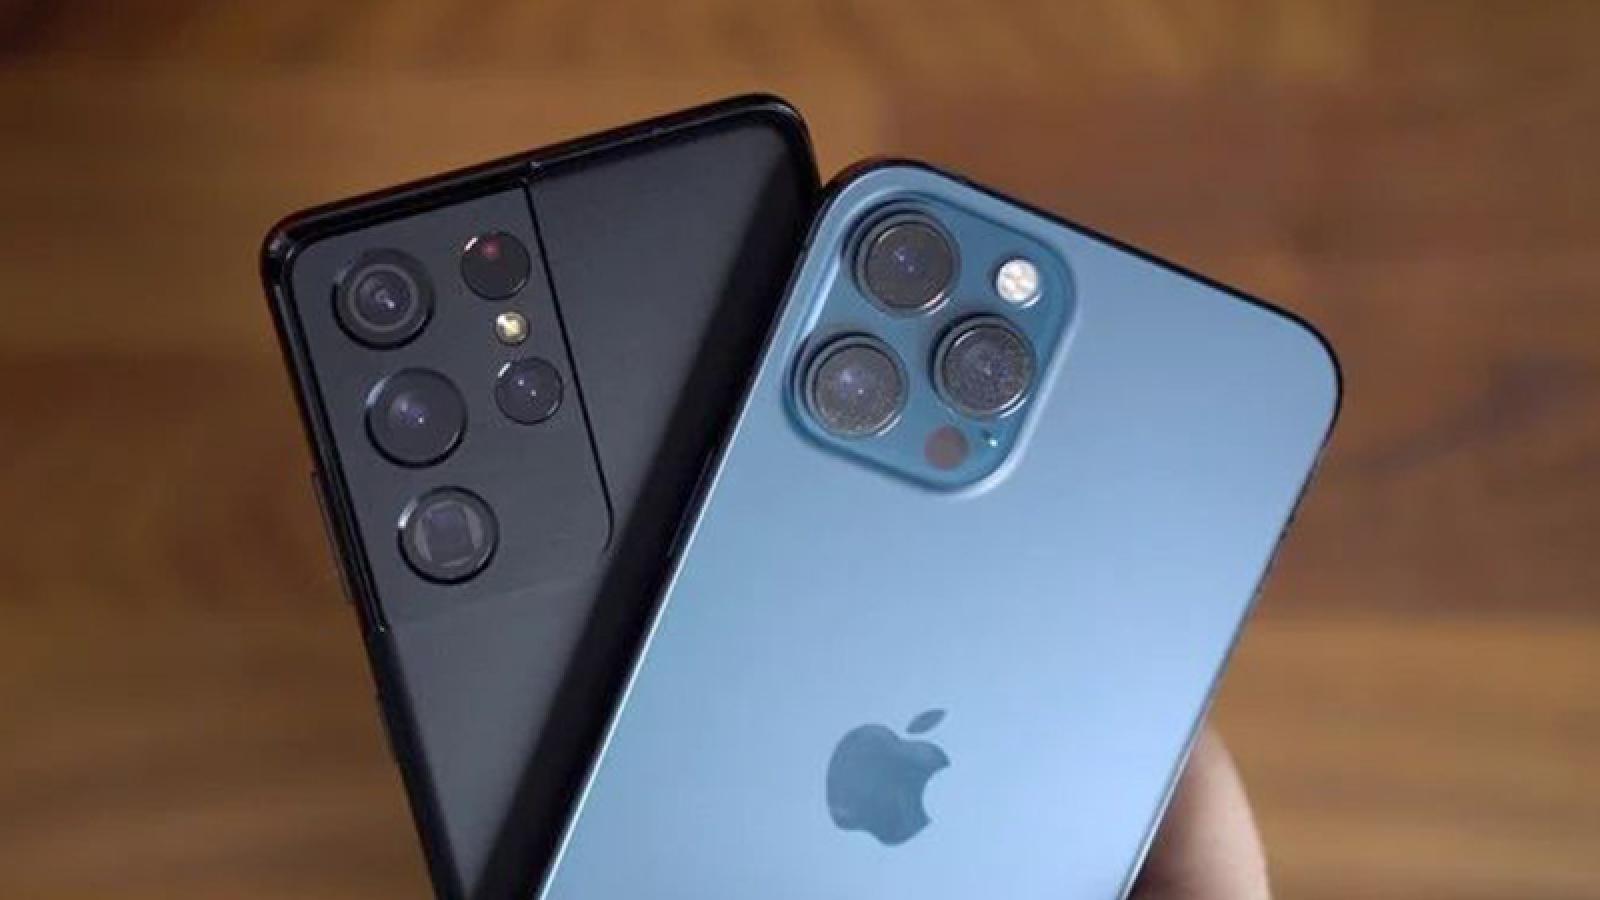 Dòng iPhone 12 giữ giá trị tốt hơn 20% so với Galaxy S21